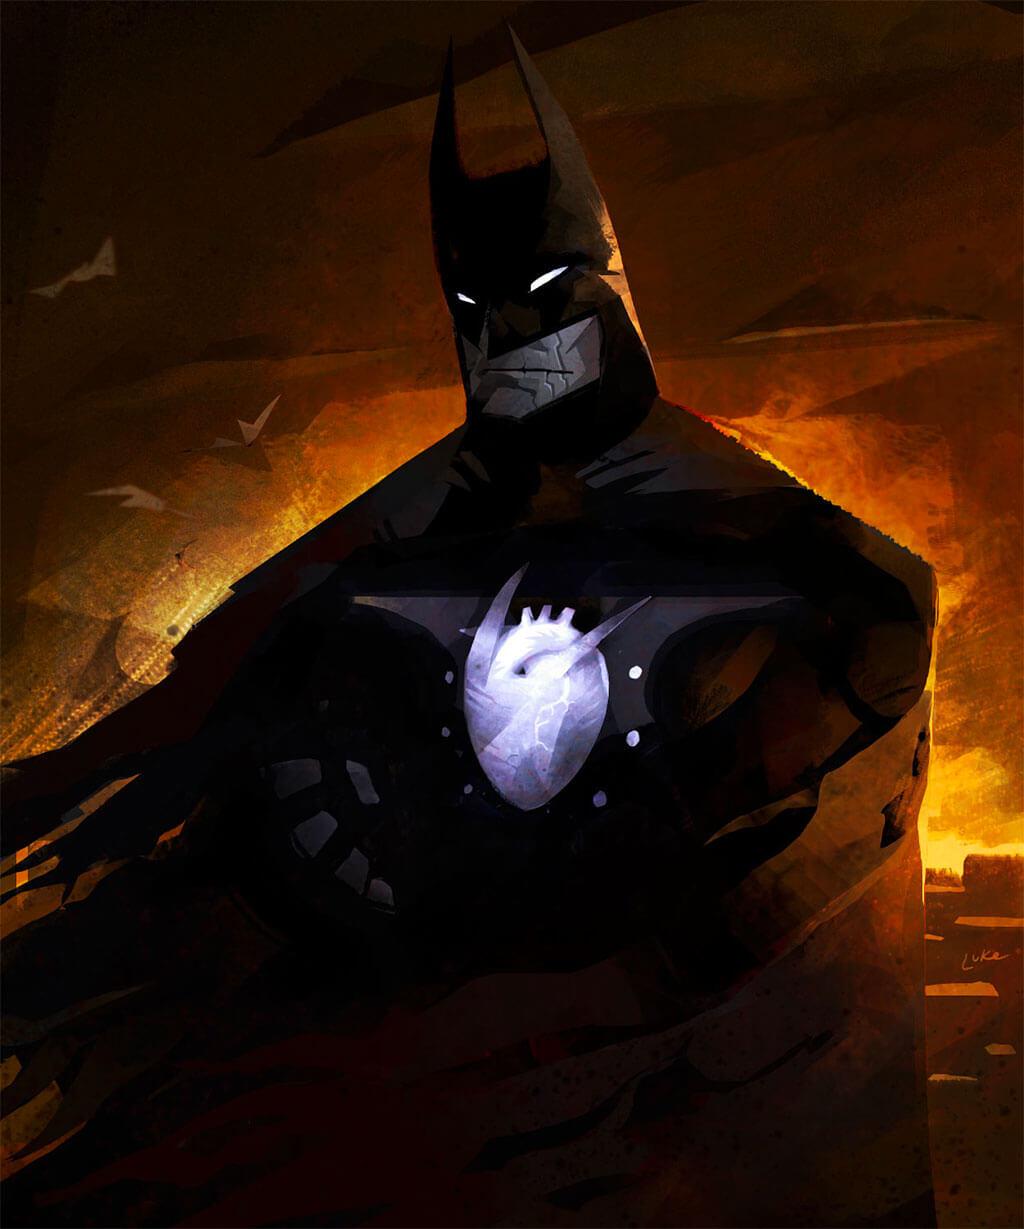 Batman Fan Art by Luke Harrington